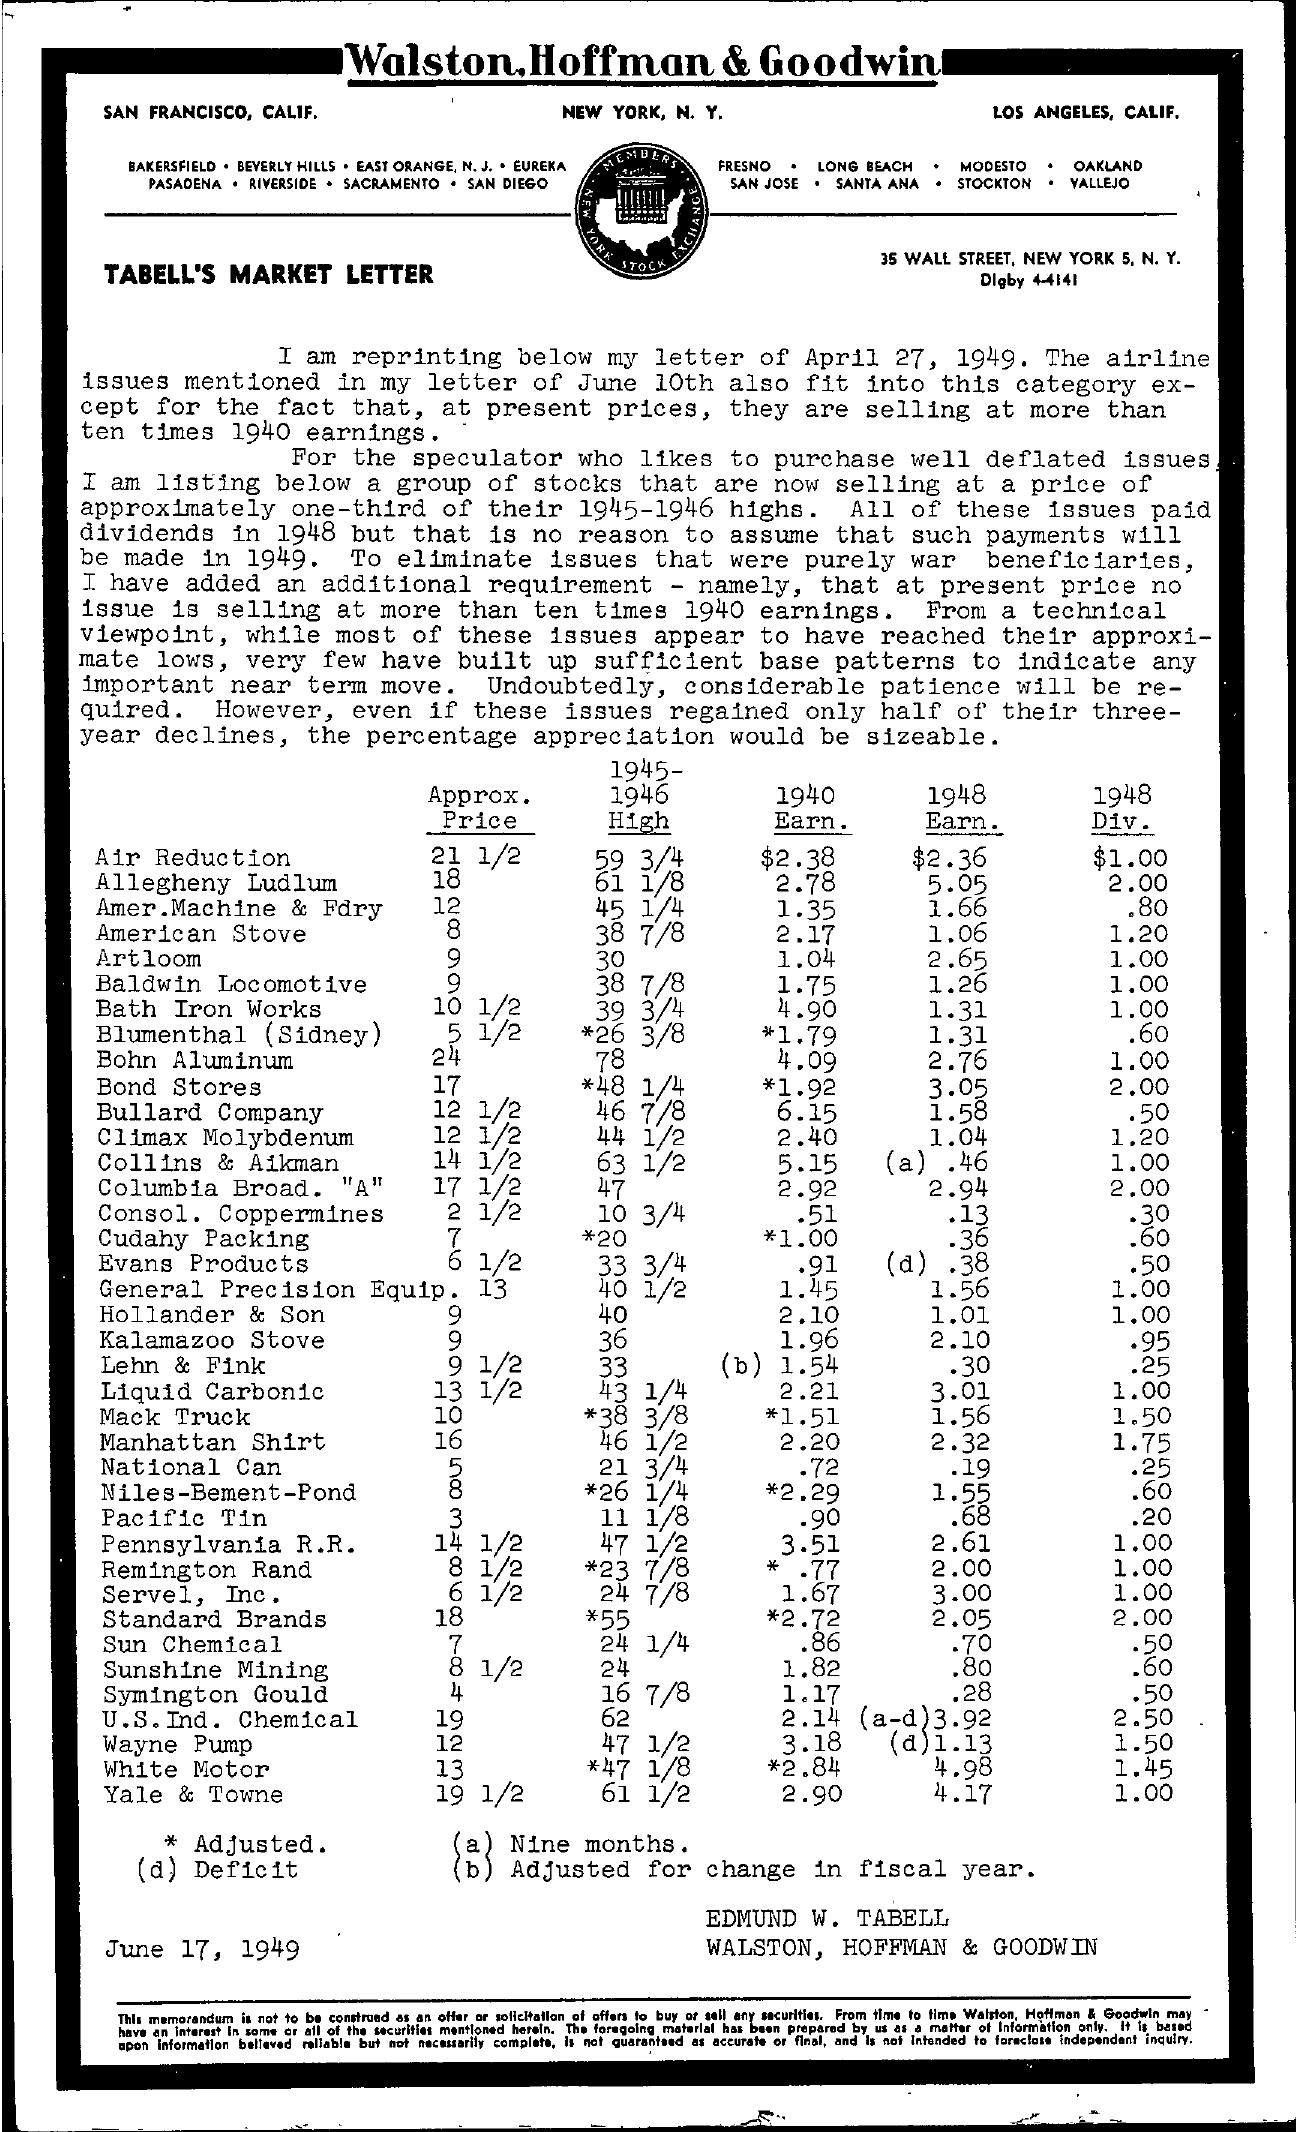 Tabell's Market Letter - June 17, 1949